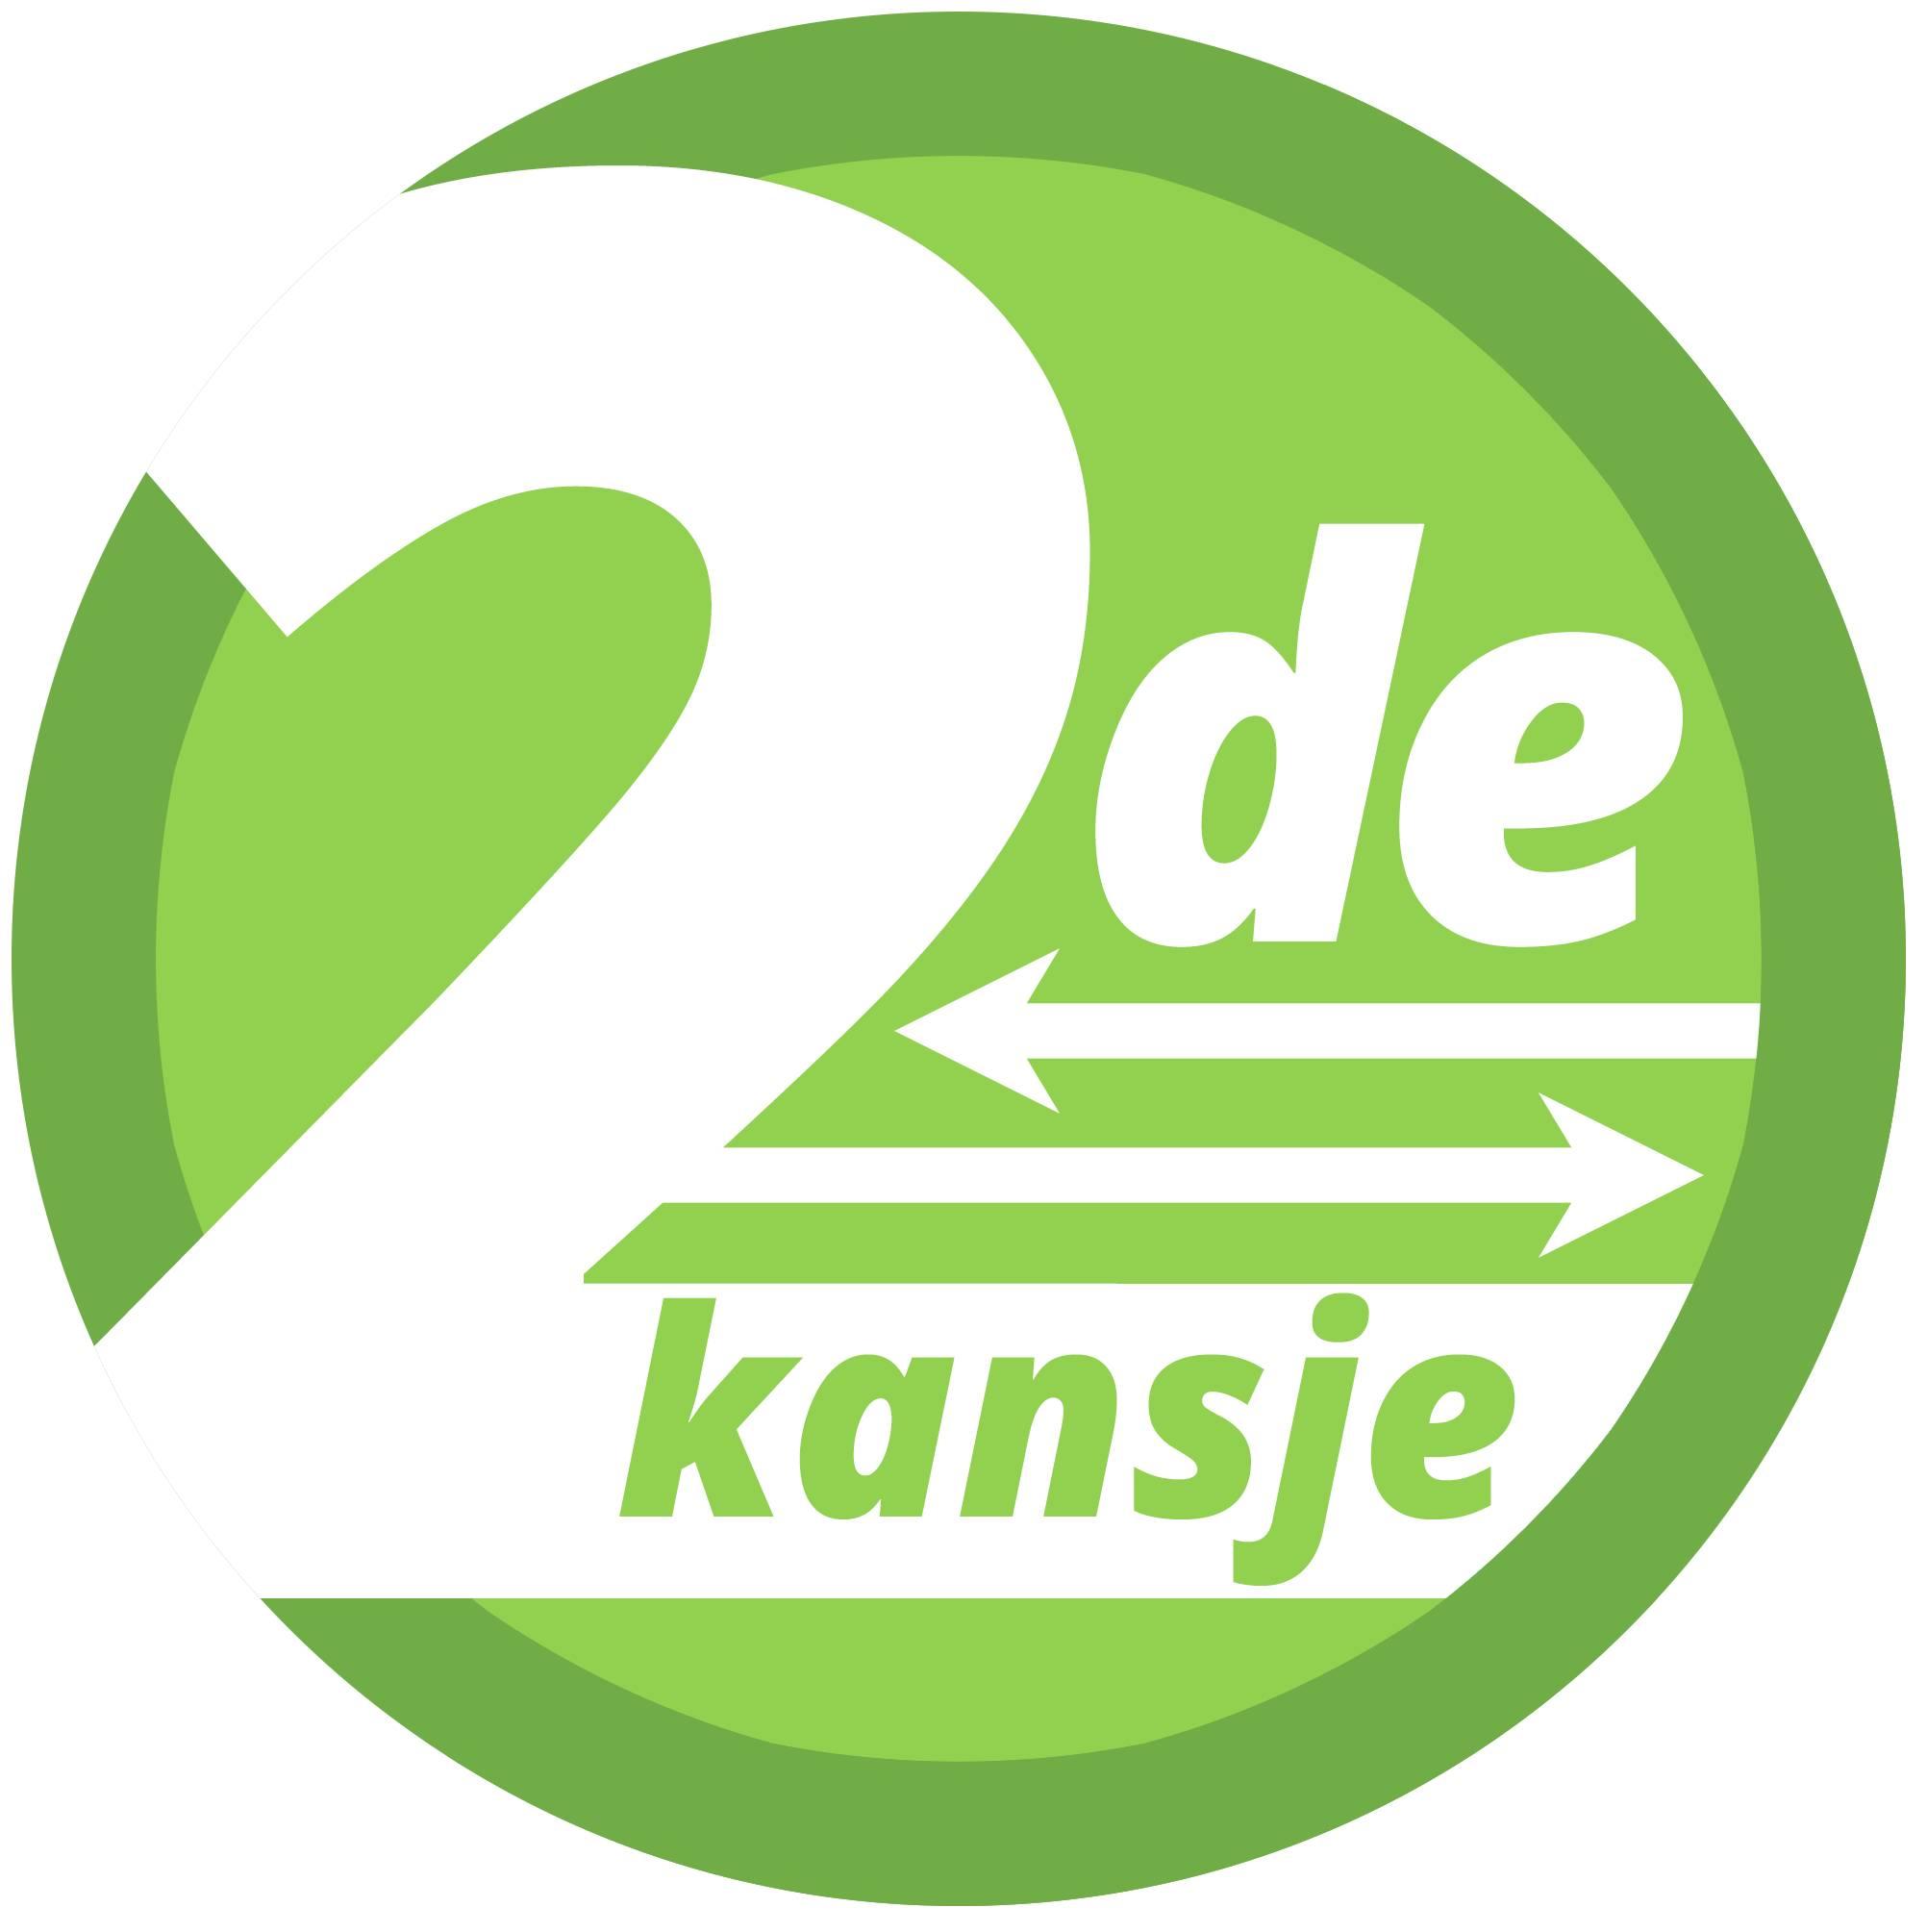 Tweedekans product condities | internetretouren en restvoorraad | 2dekansje.com